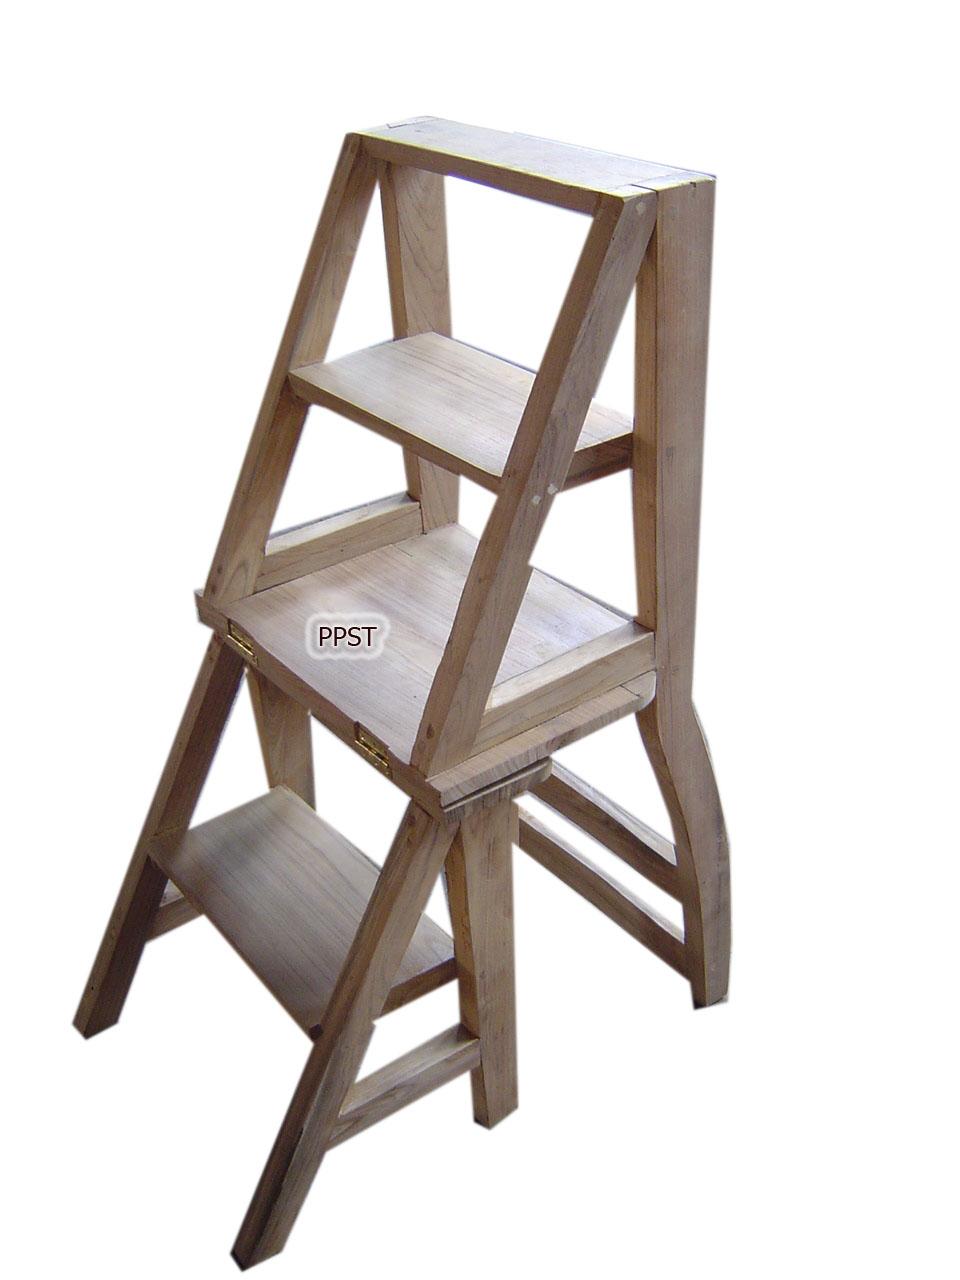 Antique ladder-sn057-2